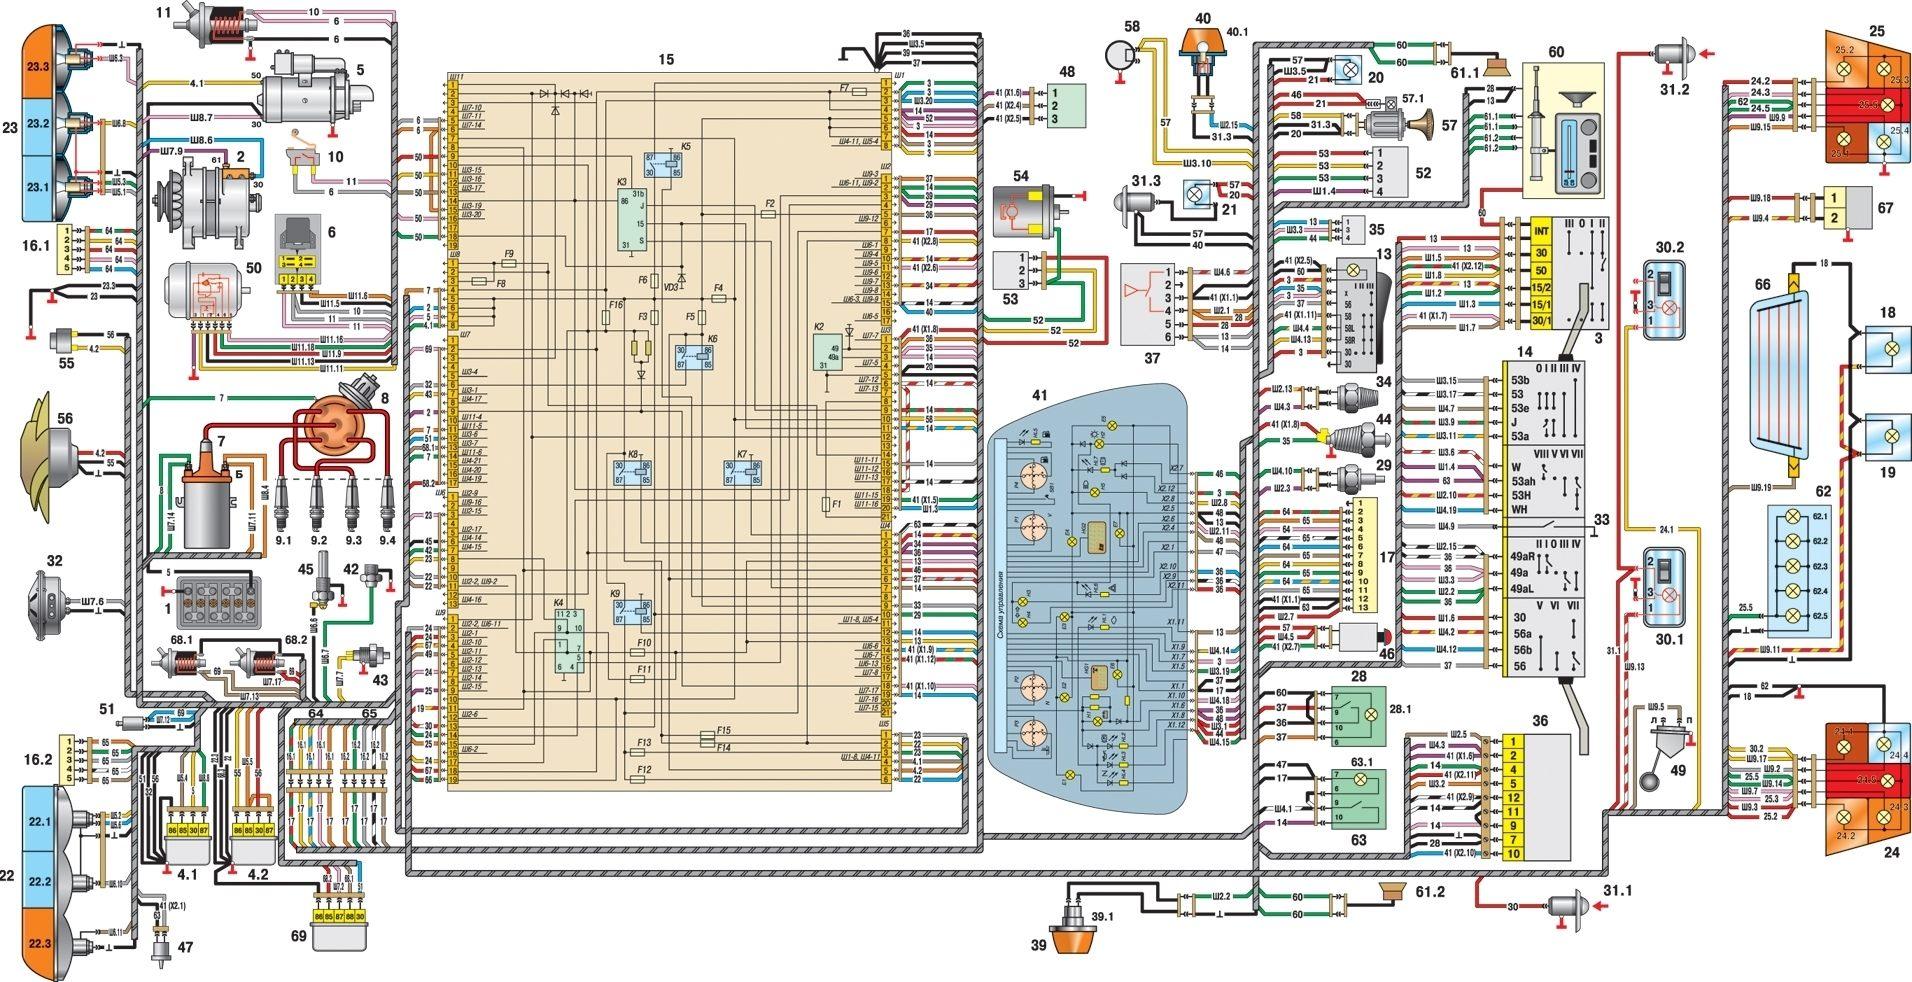 Кнопка аварийной сигнализации ваз 2110 схема подключения